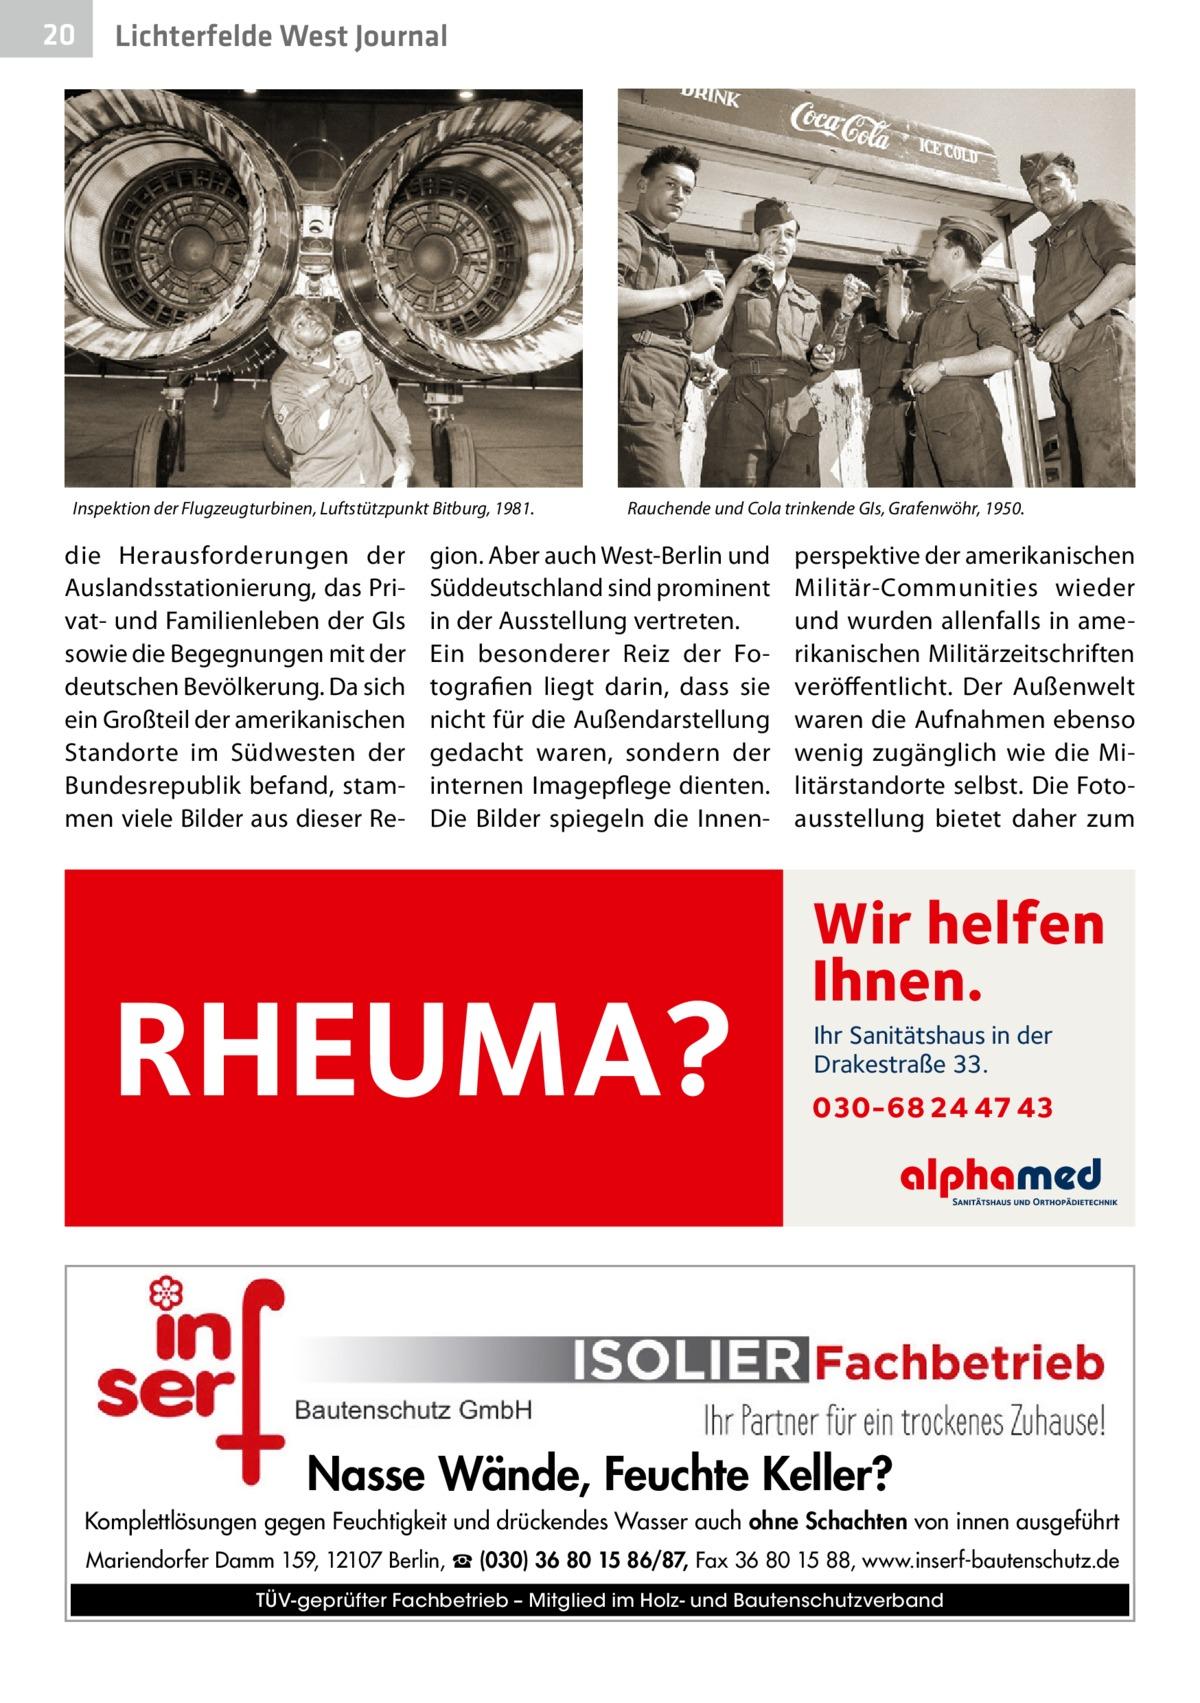 20  Lichterfelde West Journal  Inspektion der Flugzeugturbinen, Luftstützpunkt Bitburg, 1981.  die Herausforderungen der Auslandsstationierung, das Privat- und Familienleben der GIs sowie die Begegnungen mit der deutschen Bevölkerung. Da sich ein Großteil der amerikanischen Standorte im Südwesten der Bundesrepublik befand, stammen viele Bilder aus dieser Re Rauchende und Cola trinkende GIs, Grafenwöhr, 1950.  gion. Aber auch West-Berlin und Süddeutschland sind prominent in der Ausstellung vertreten. Ein besonderer Reiz der Fotografien liegt darin, dass sie nicht für die Außendarstellung gedacht waren, sondern der internen Imagepflege dienten. Die Bilder spiegeln die Innen RHEUMA?  perspektive der amerikanischen Militär-Communities wieder und wurden allenfalls in amerikanischen Militärzeitschriften veröffentlicht. Der Außenwelt waren die Aufnahmen ebenso wenig zugänglich wie die Militärstandorte selbst. Die Fotoausstellung bietet daher zum  Wir helfen Ihnen. Ihr Sanitätshaus in der Drakestraße 33.  030-68 24 47 43  Nasse Wände, Feuchte Keller? Komplettlösungen gegen Feuchtigkeit und drückendes Wasser auch ohne Schachten von innen ausgeführt Mariendorfer Damm 159, 12107 Berlin, ☎ (030) 36 80 15 86/87, Fax 36 80 15 88, www.inserf-bautenschutz.de TÜV-geprüfter Fachbetrieb – Mitglied im Holz- und Bautenschutzverband